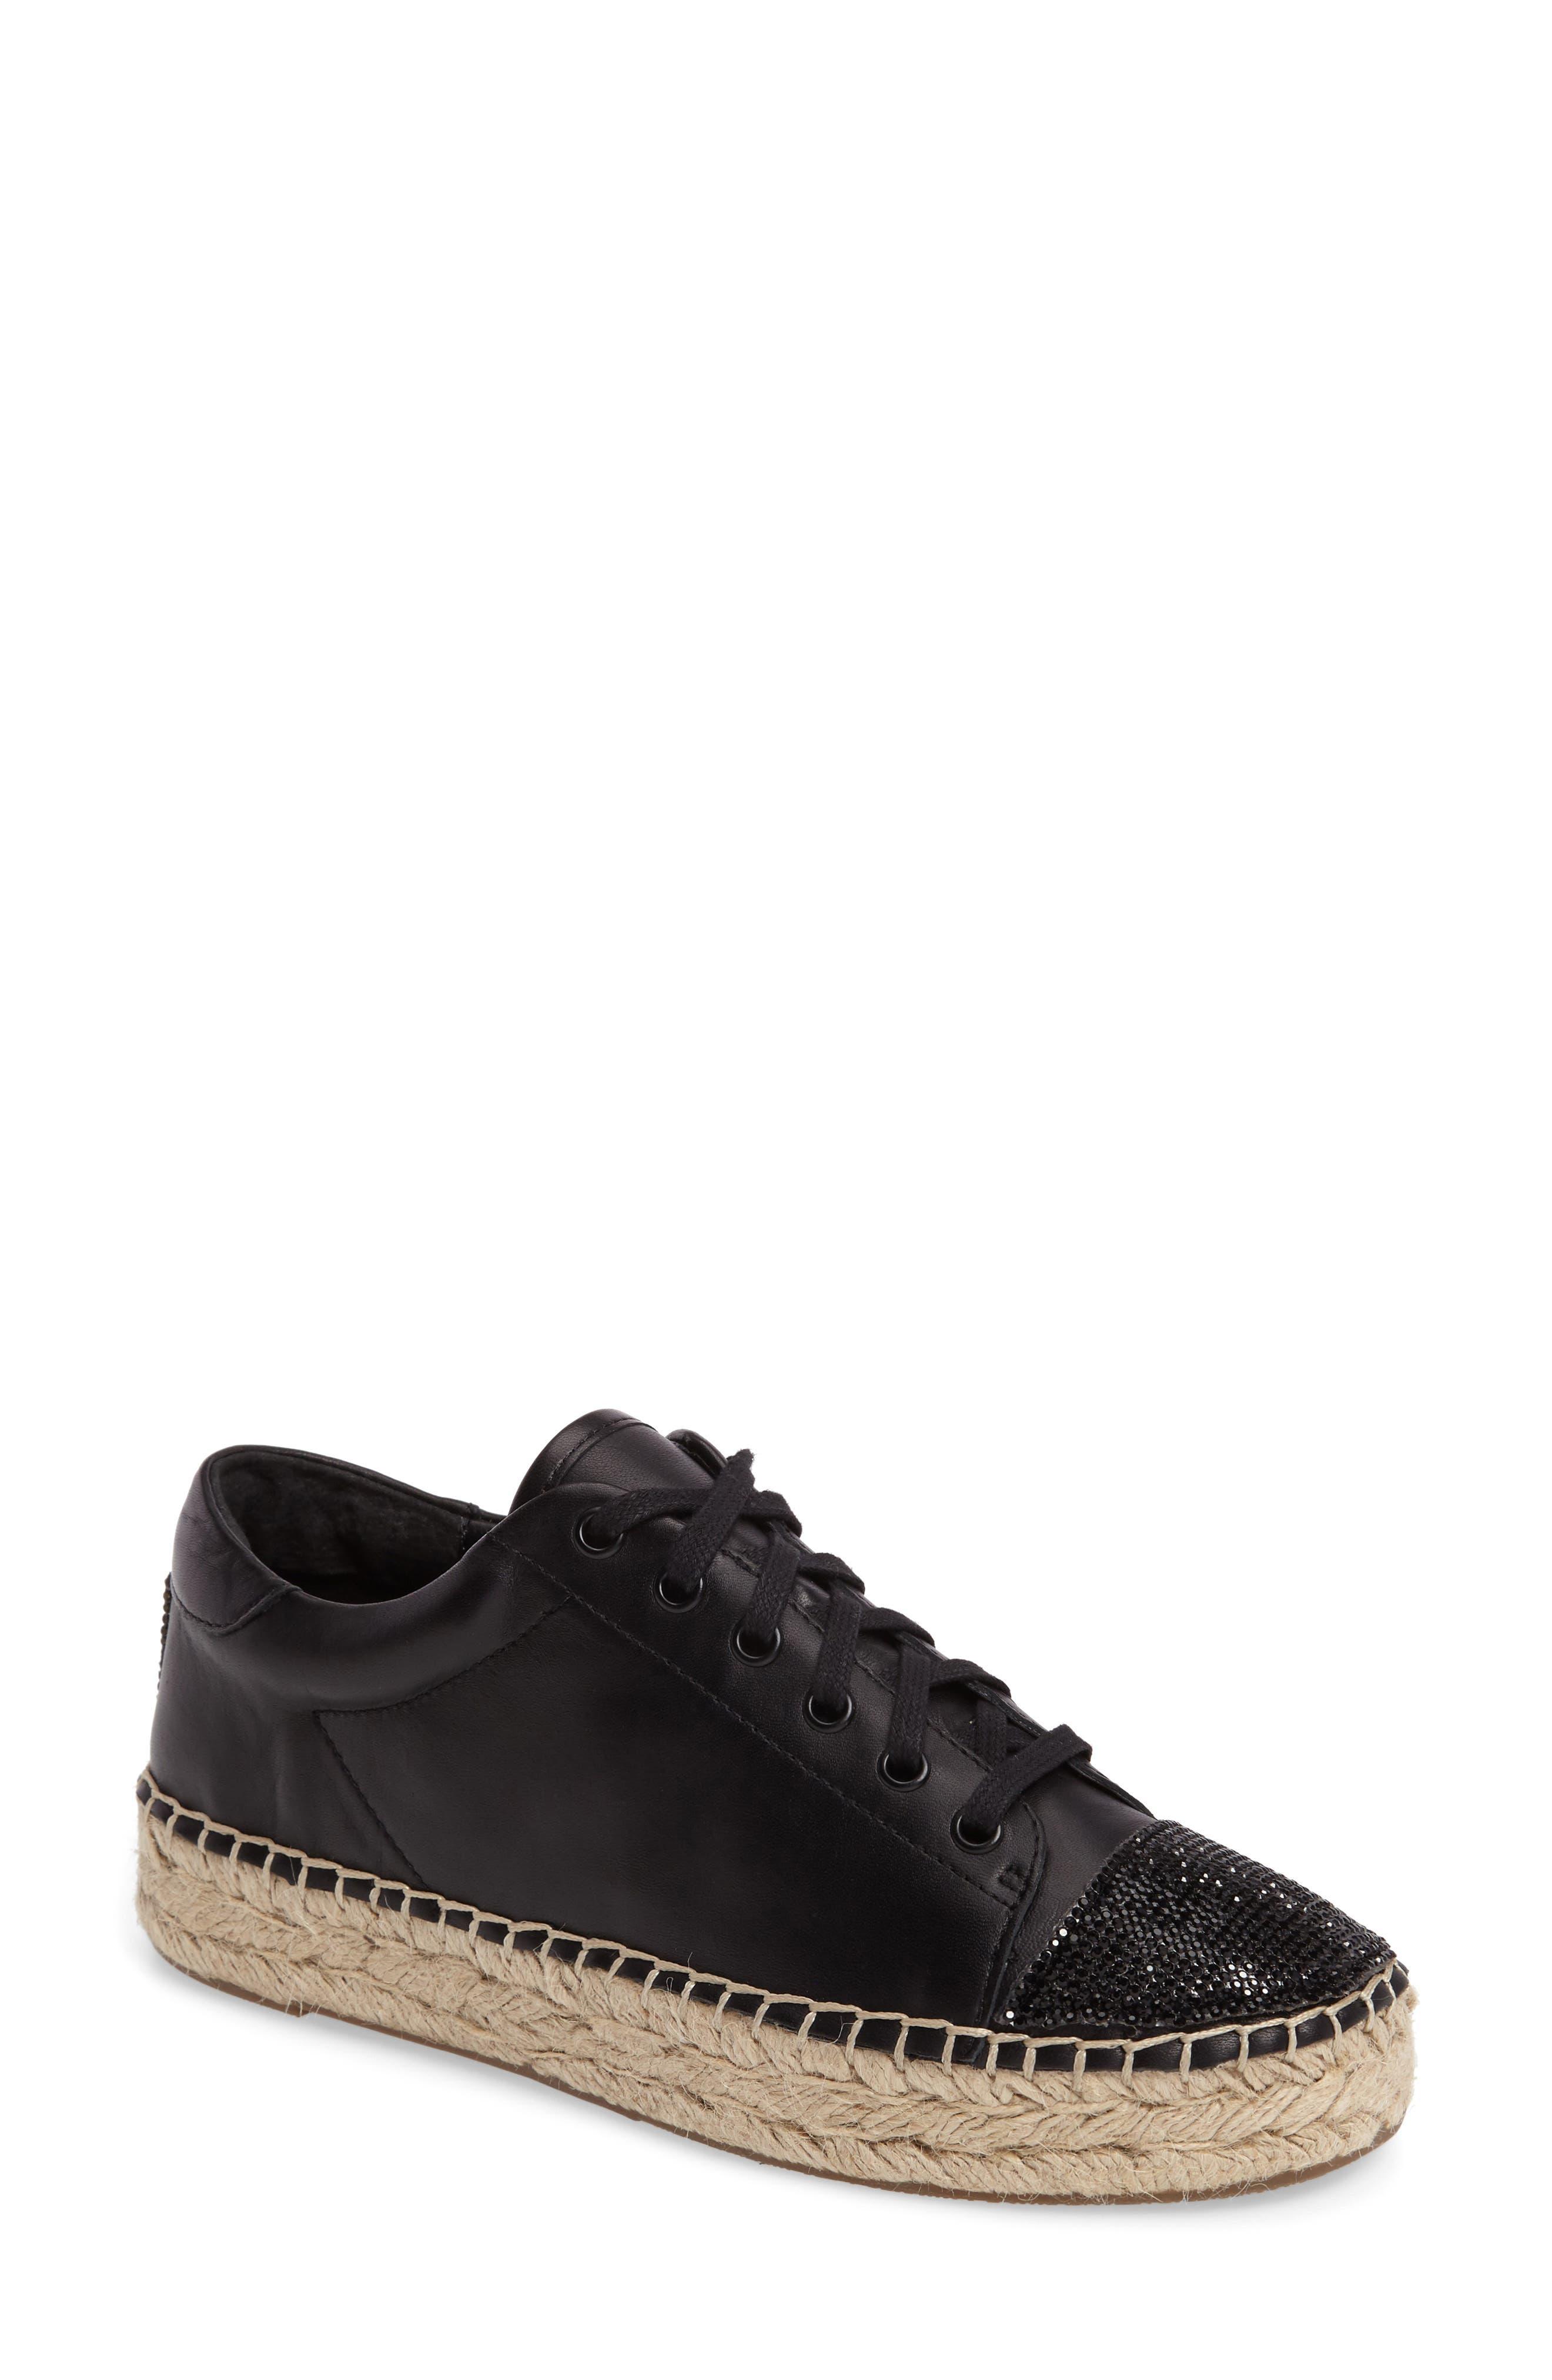 Joslyn Espadrille Sneaker,                         Main,                         color, 001